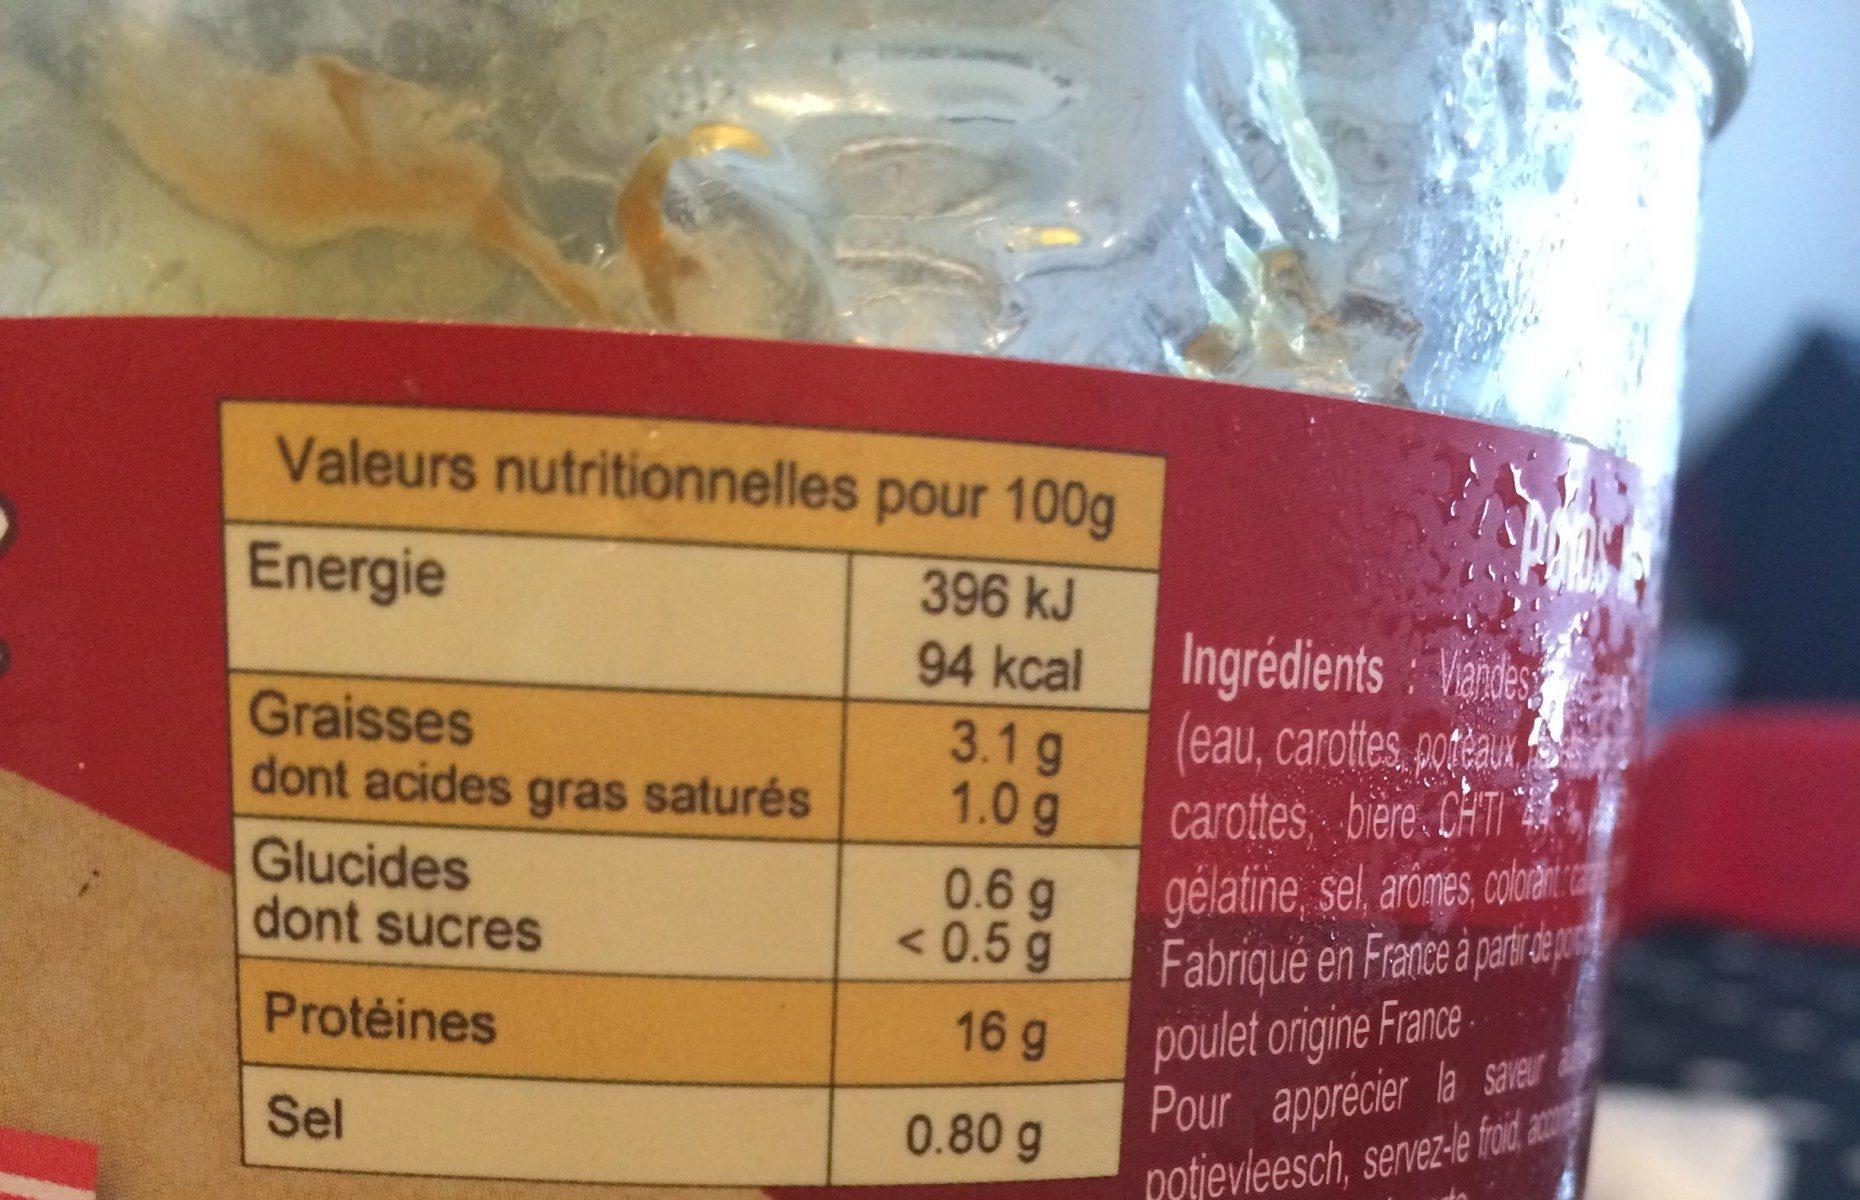 Potjevleesch sans os - Informations nutritionnelles - fr